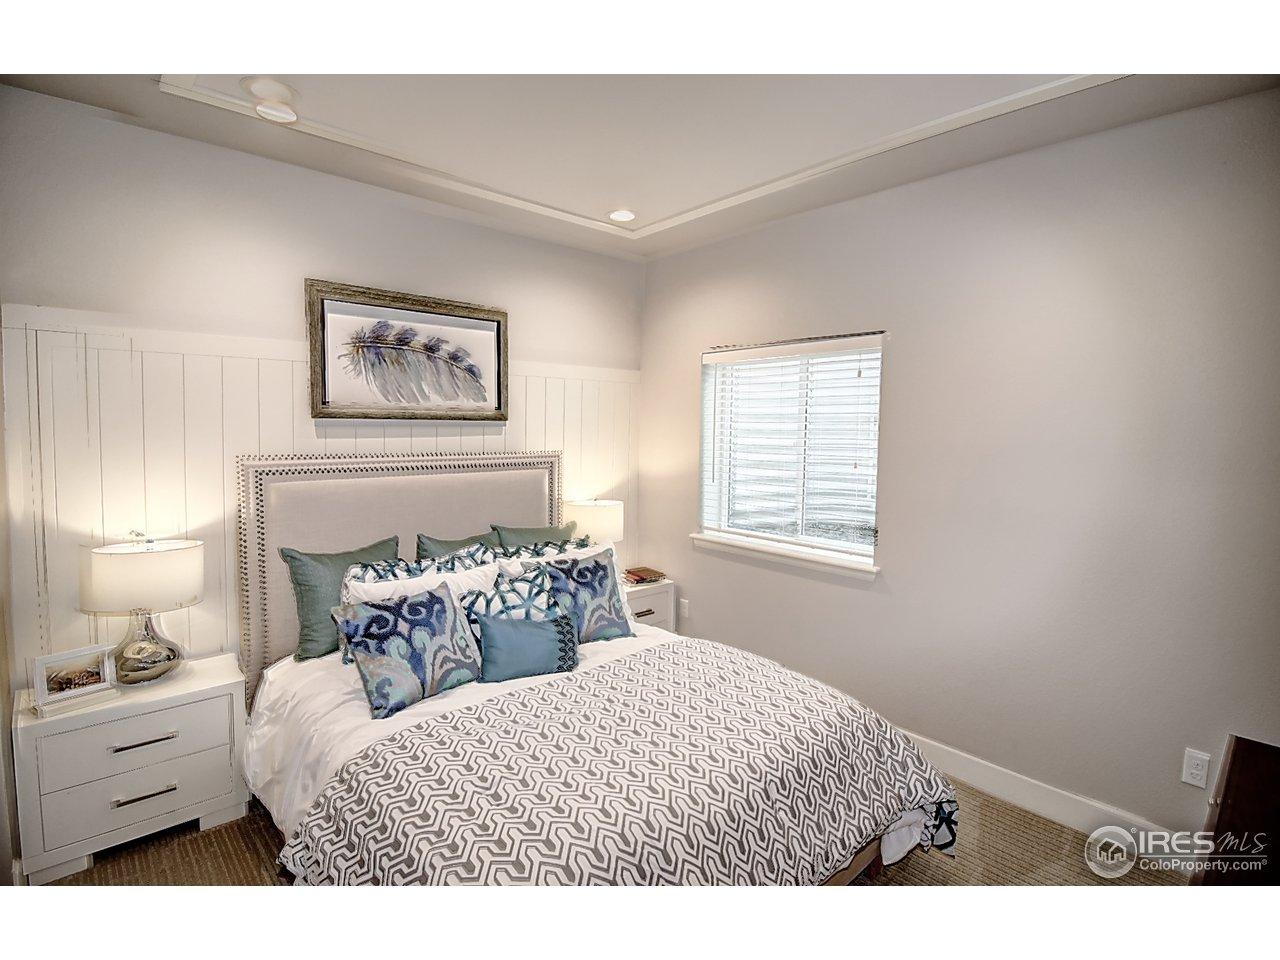 Basement bedroom (6)